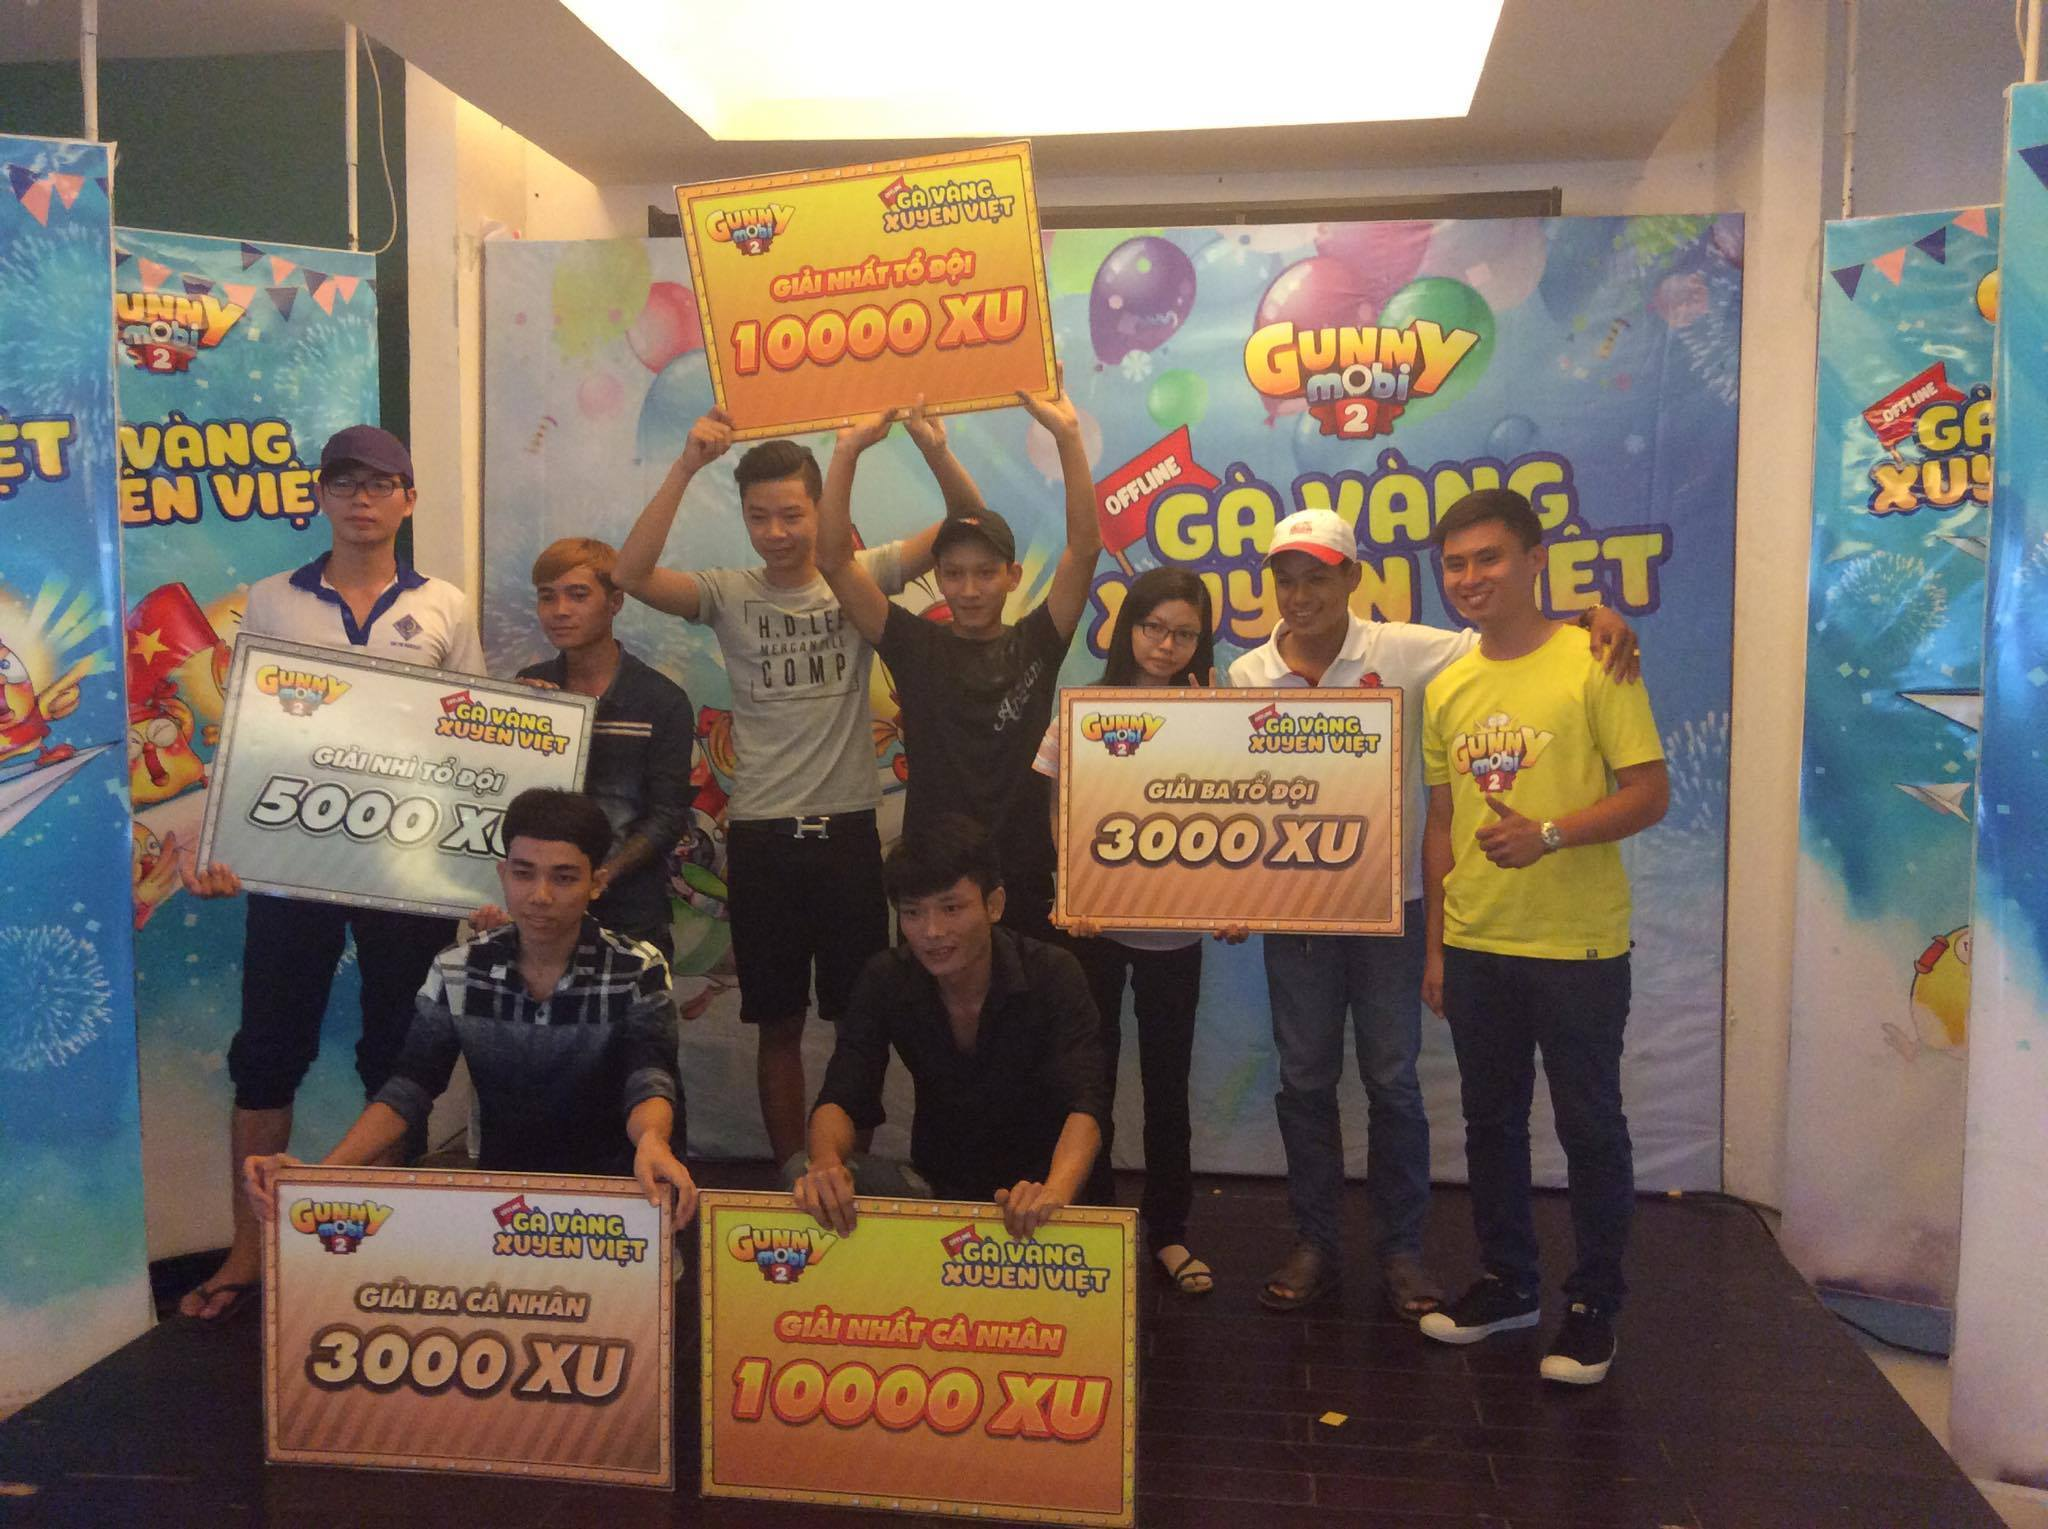 Gunny Mobi - Tranh tài chung kết offline Cần Thơ thu hút hơn 9 nghìn lượt xem trực tuyến 2